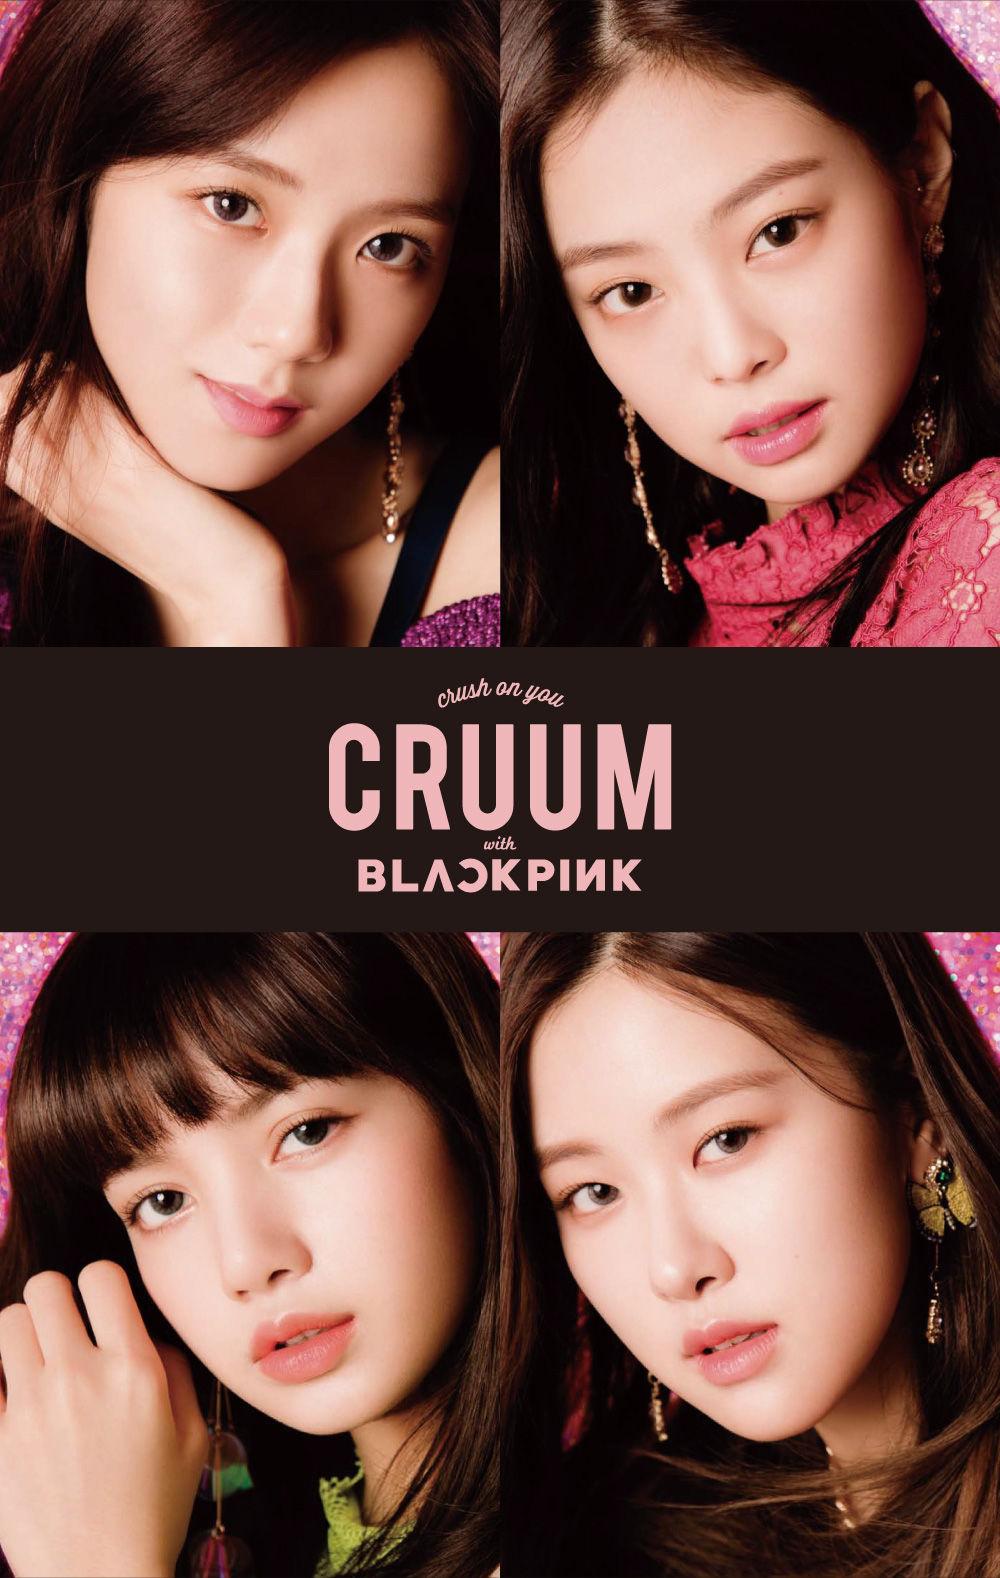 cruum jp bp posters